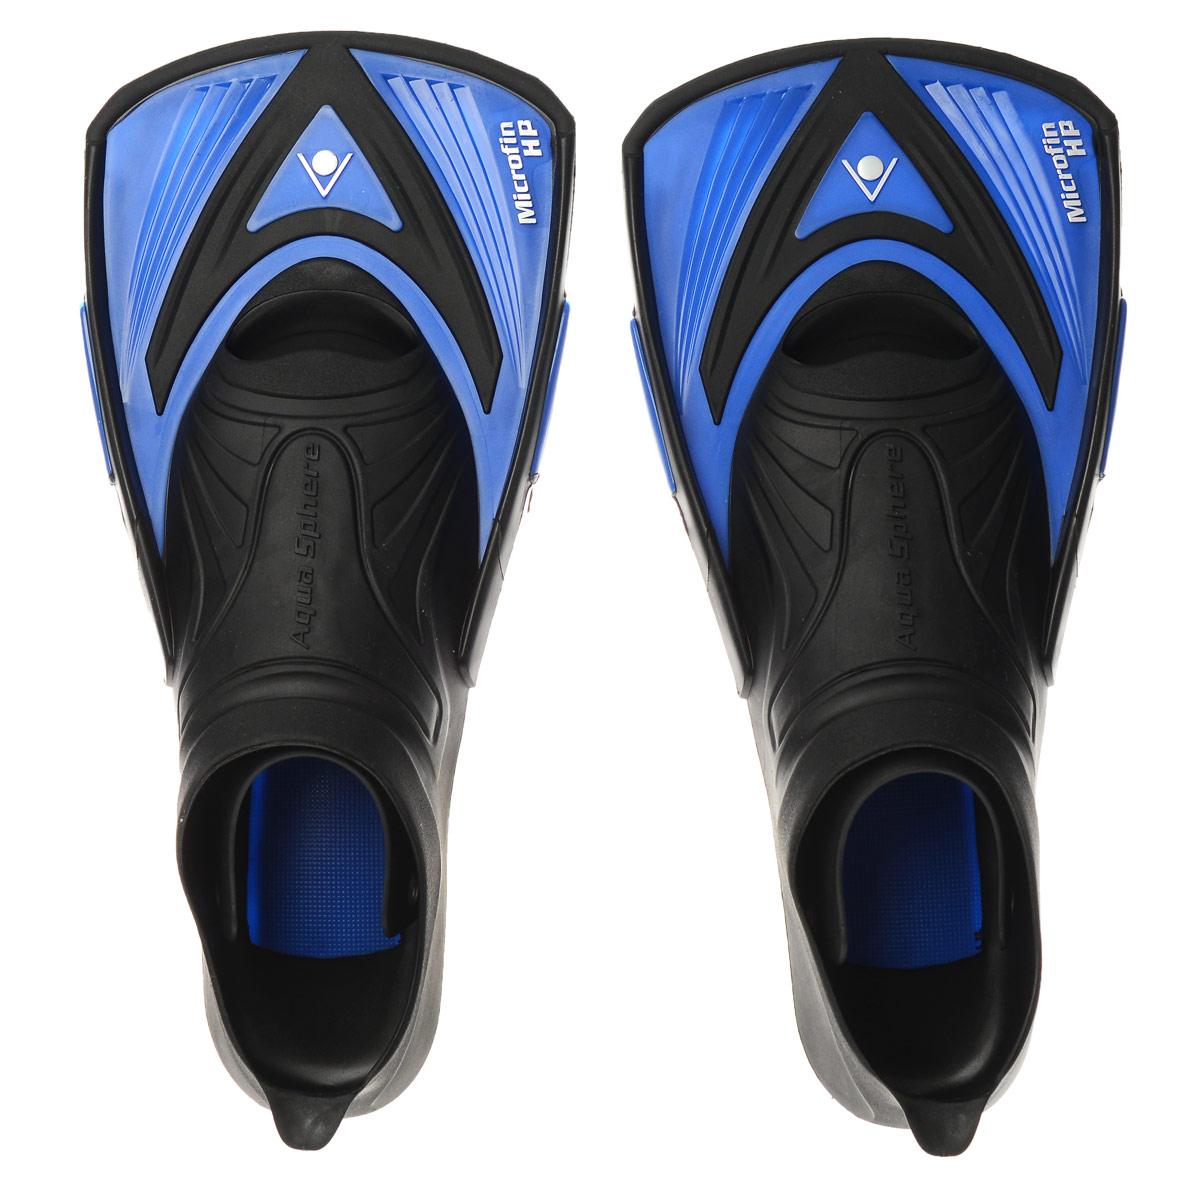 Ласты тренировочные Aqua Sphere Microfin HP, цвет: синий. Размер 34/35YS 021803 AFAqua Sphere Microfin HP - это ласты для энергичной манеры плавания, предназначенные для серьезных спортивных тренировок. Уникальный дизайн ласт обеспечивает достаточное сопротивление воды для силовых тренировок и поддерживает ноги близко к поверхности воды - таким образом, пловец занимает правильное положение, гарантирующее максимальную обтекаемость.Особенности: Галоша с закрытой пяткой выполнена из прочного термопластика. Короткие лопасти удерживают ноги пловца близко к поверхности воды. Позволяют развивать силу мышц и поддерживать их в тонусе, одновременно совершенствуя технику плавания.